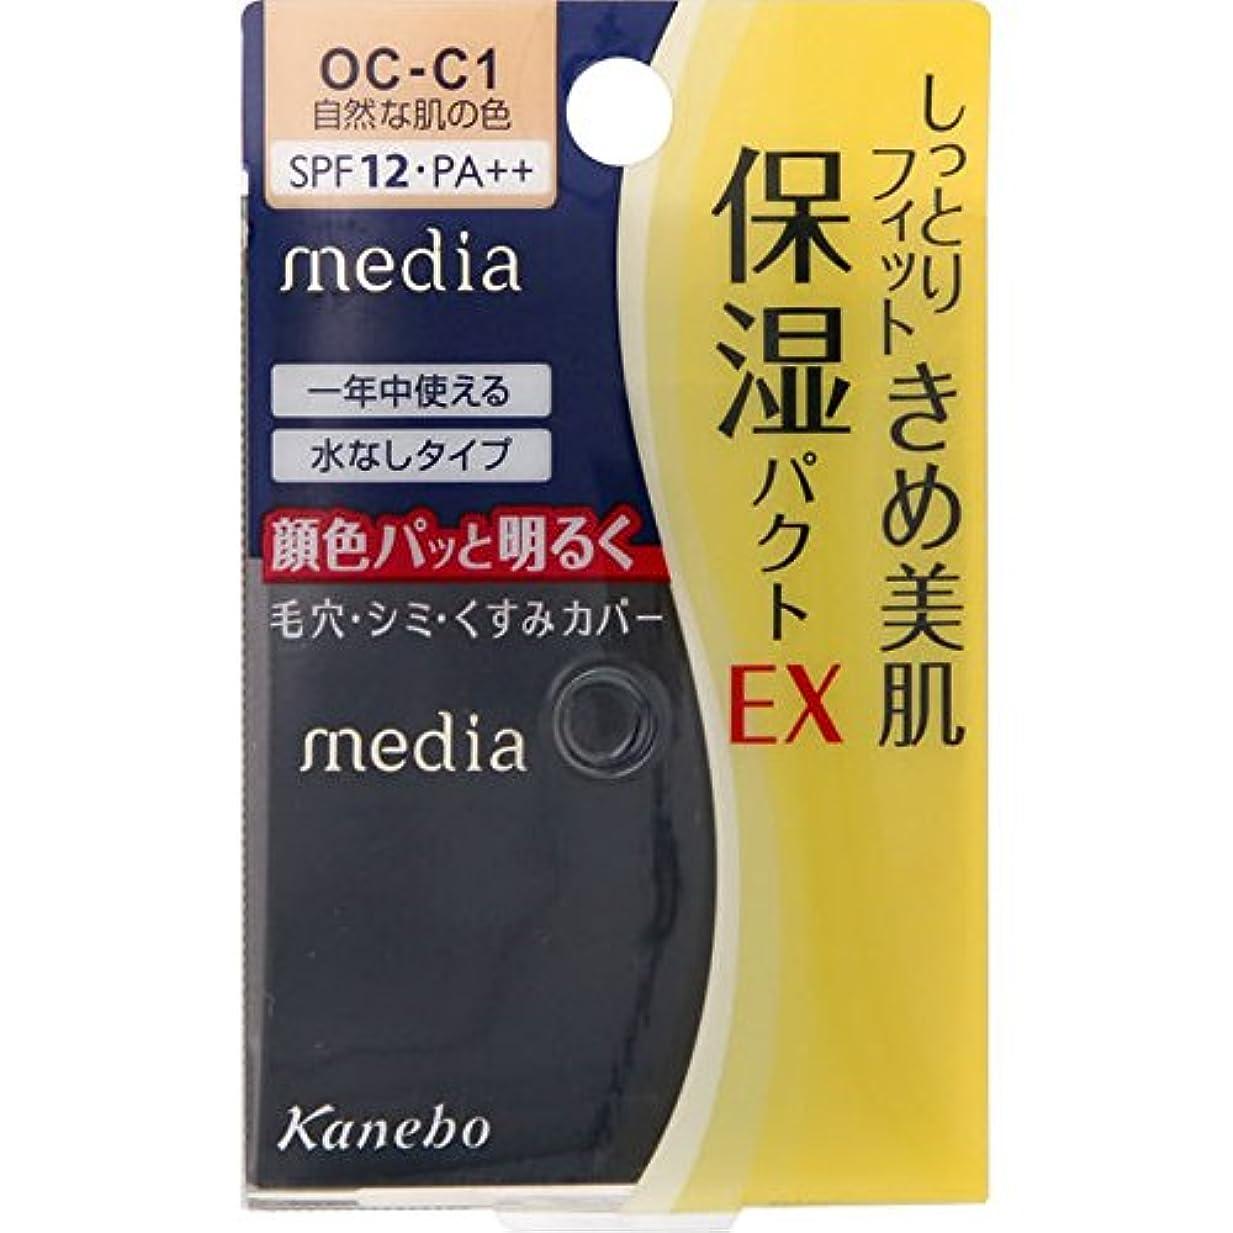 定常セマフォびっくりしたカネボウ メディア モイストフィットパクトEX OC-C1(11g)